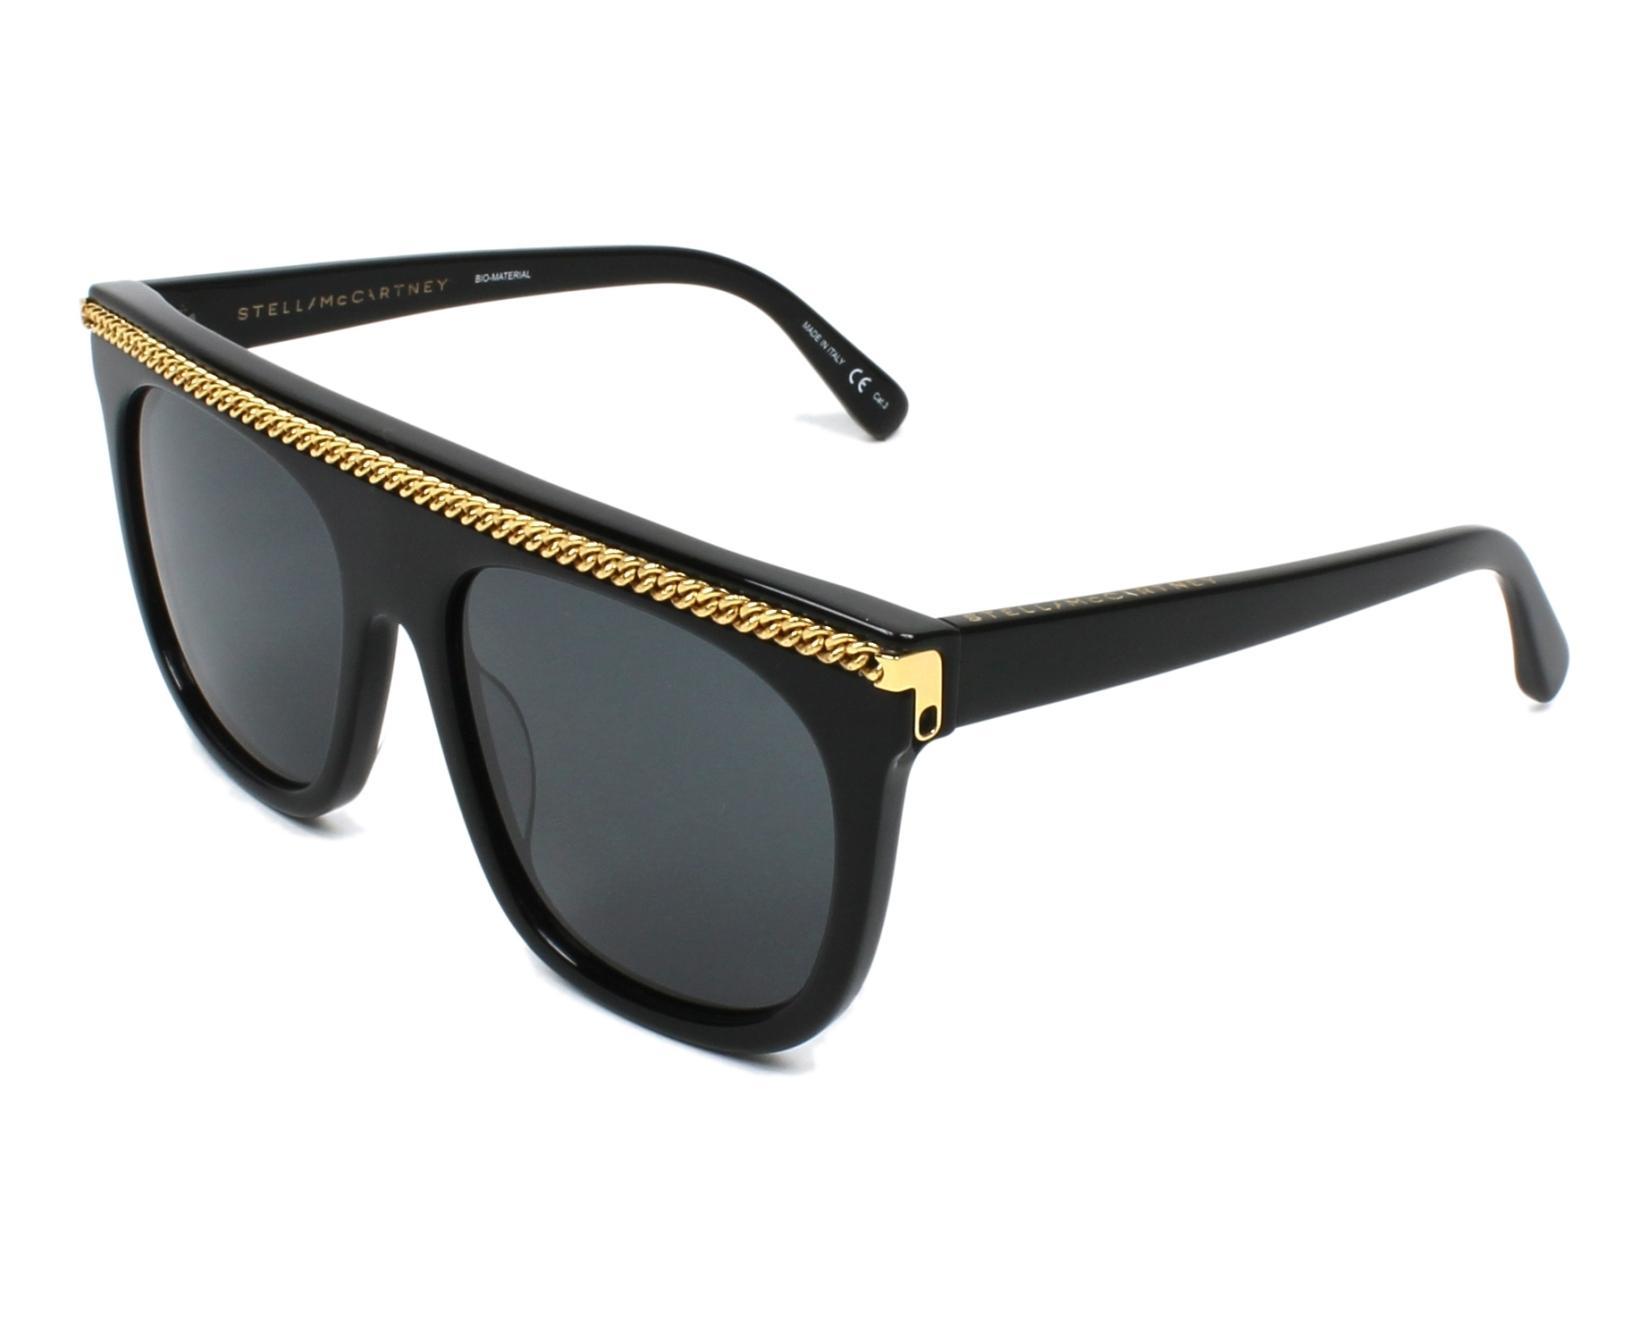 Stella McCartney SC0043S Sonnenbrille Schwarz 001 55mm hKKVR